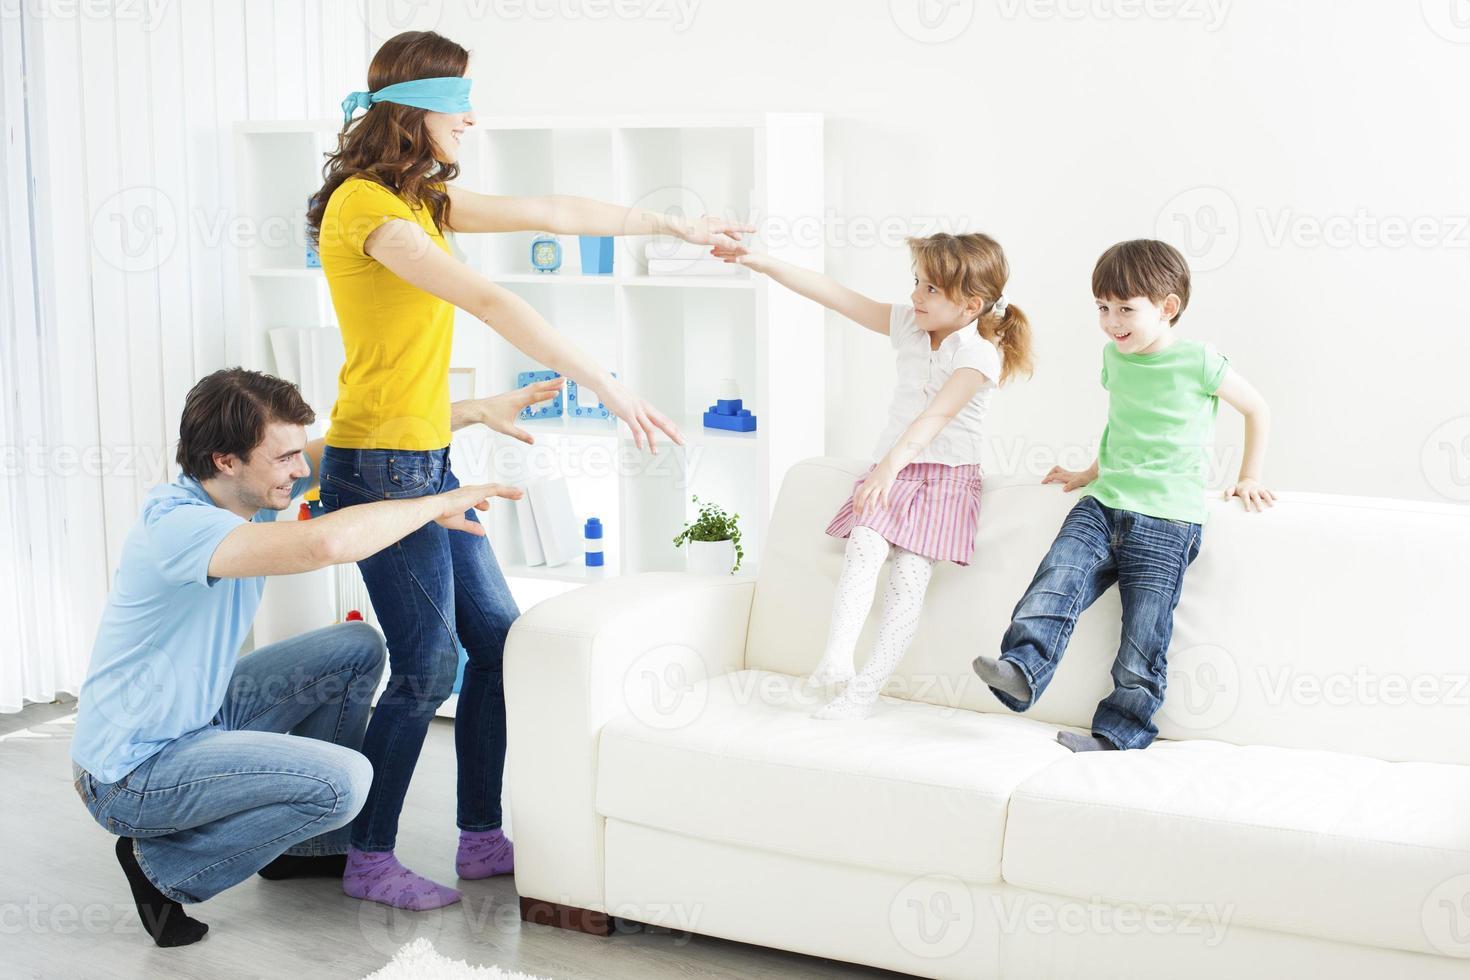 famille jouant à cache-cache. photo